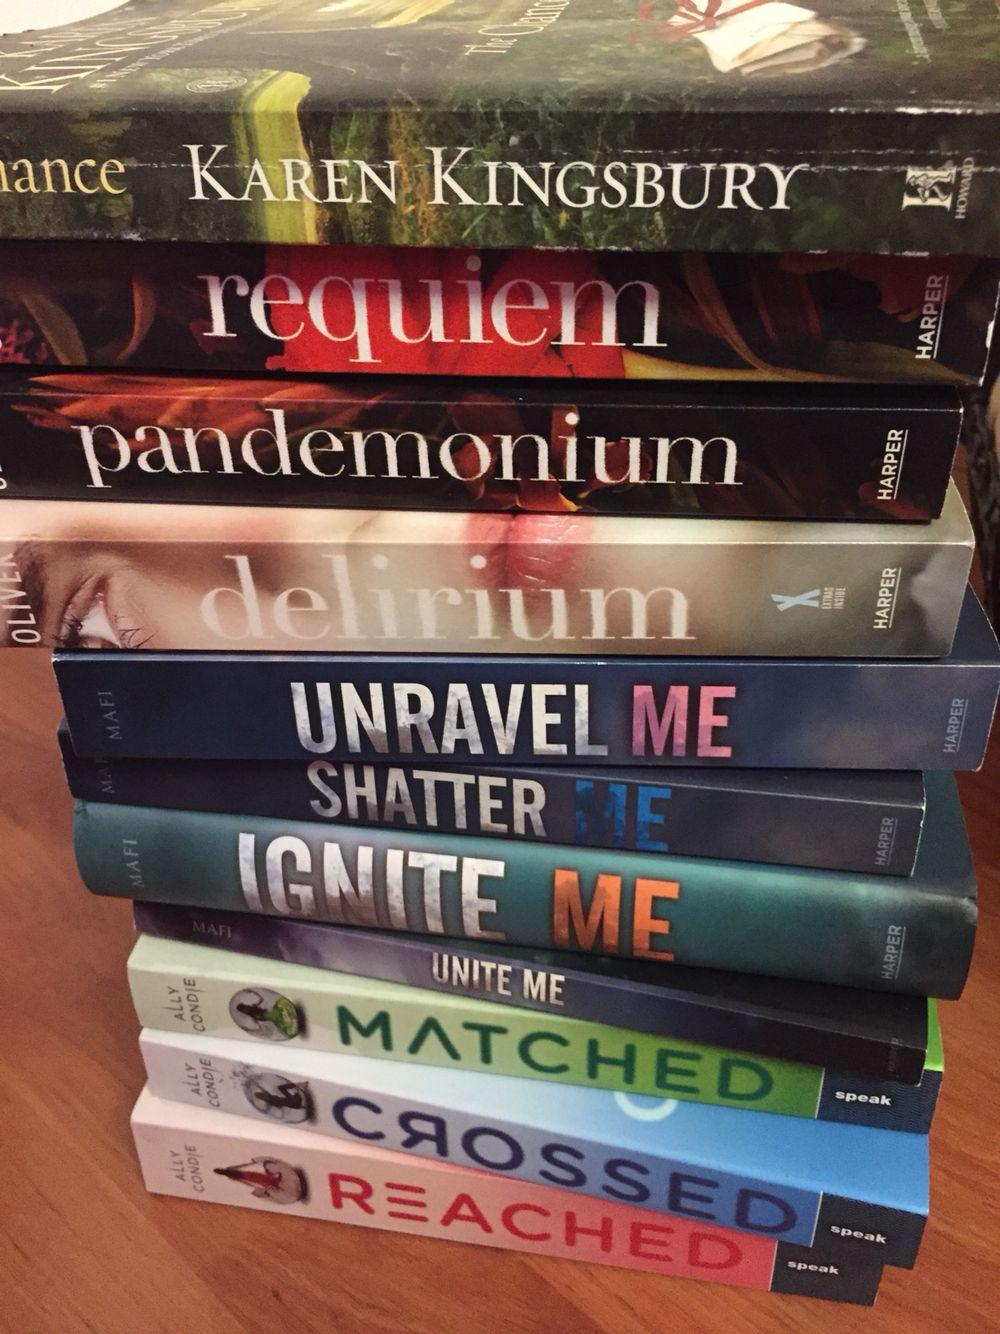 Books for Christmas!! Yaaaaaaas!